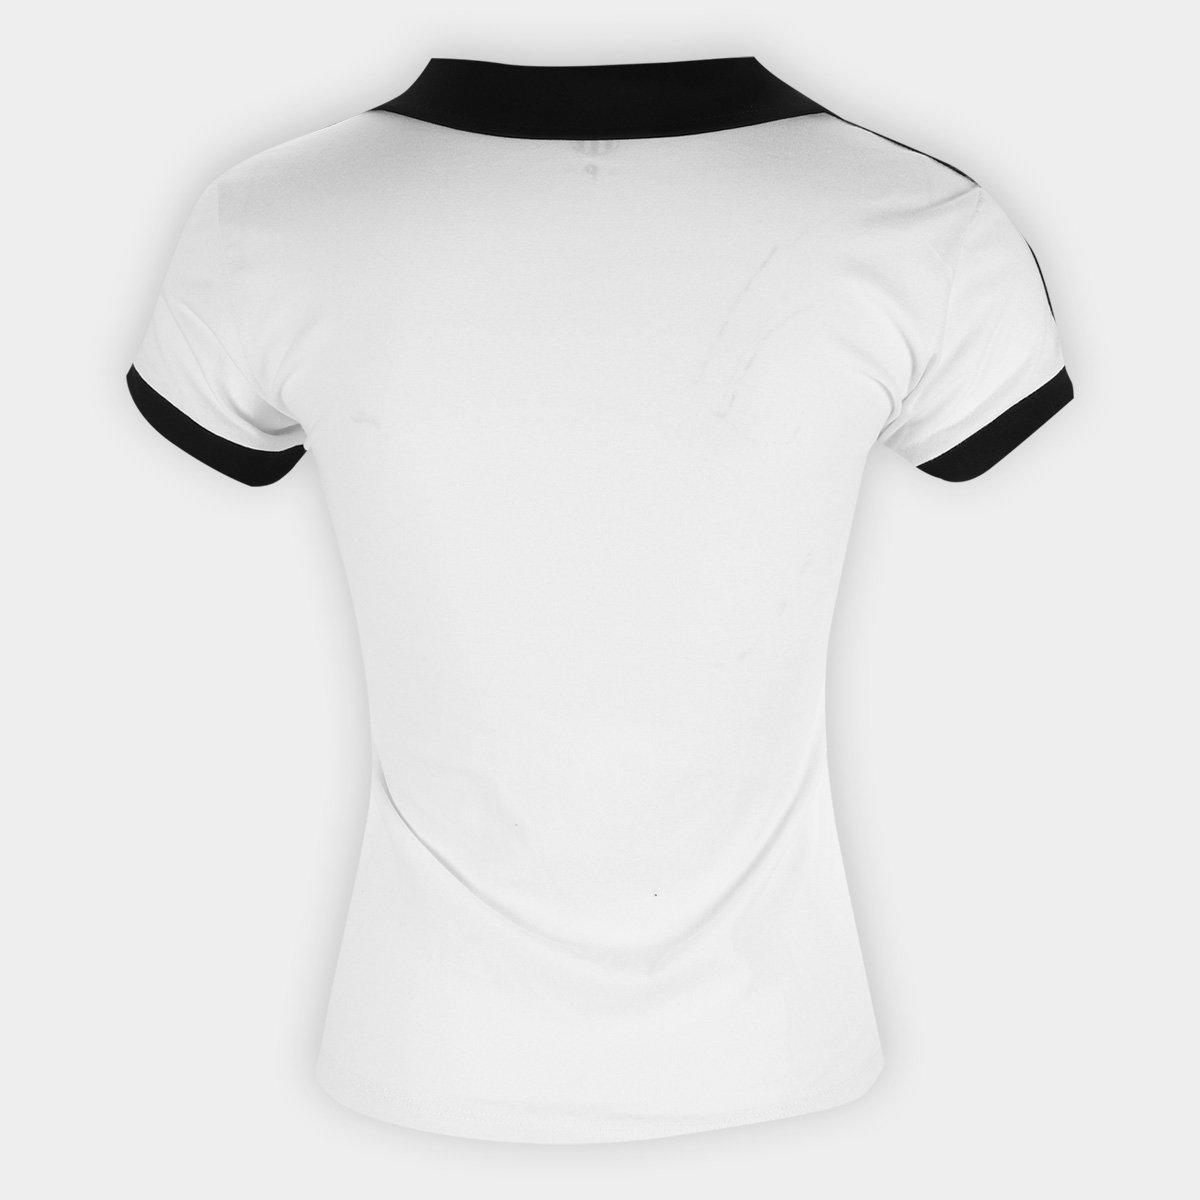 610ade92eb Camiseta Vasco Retrô Mania 1988 Feminina - Compre Agora